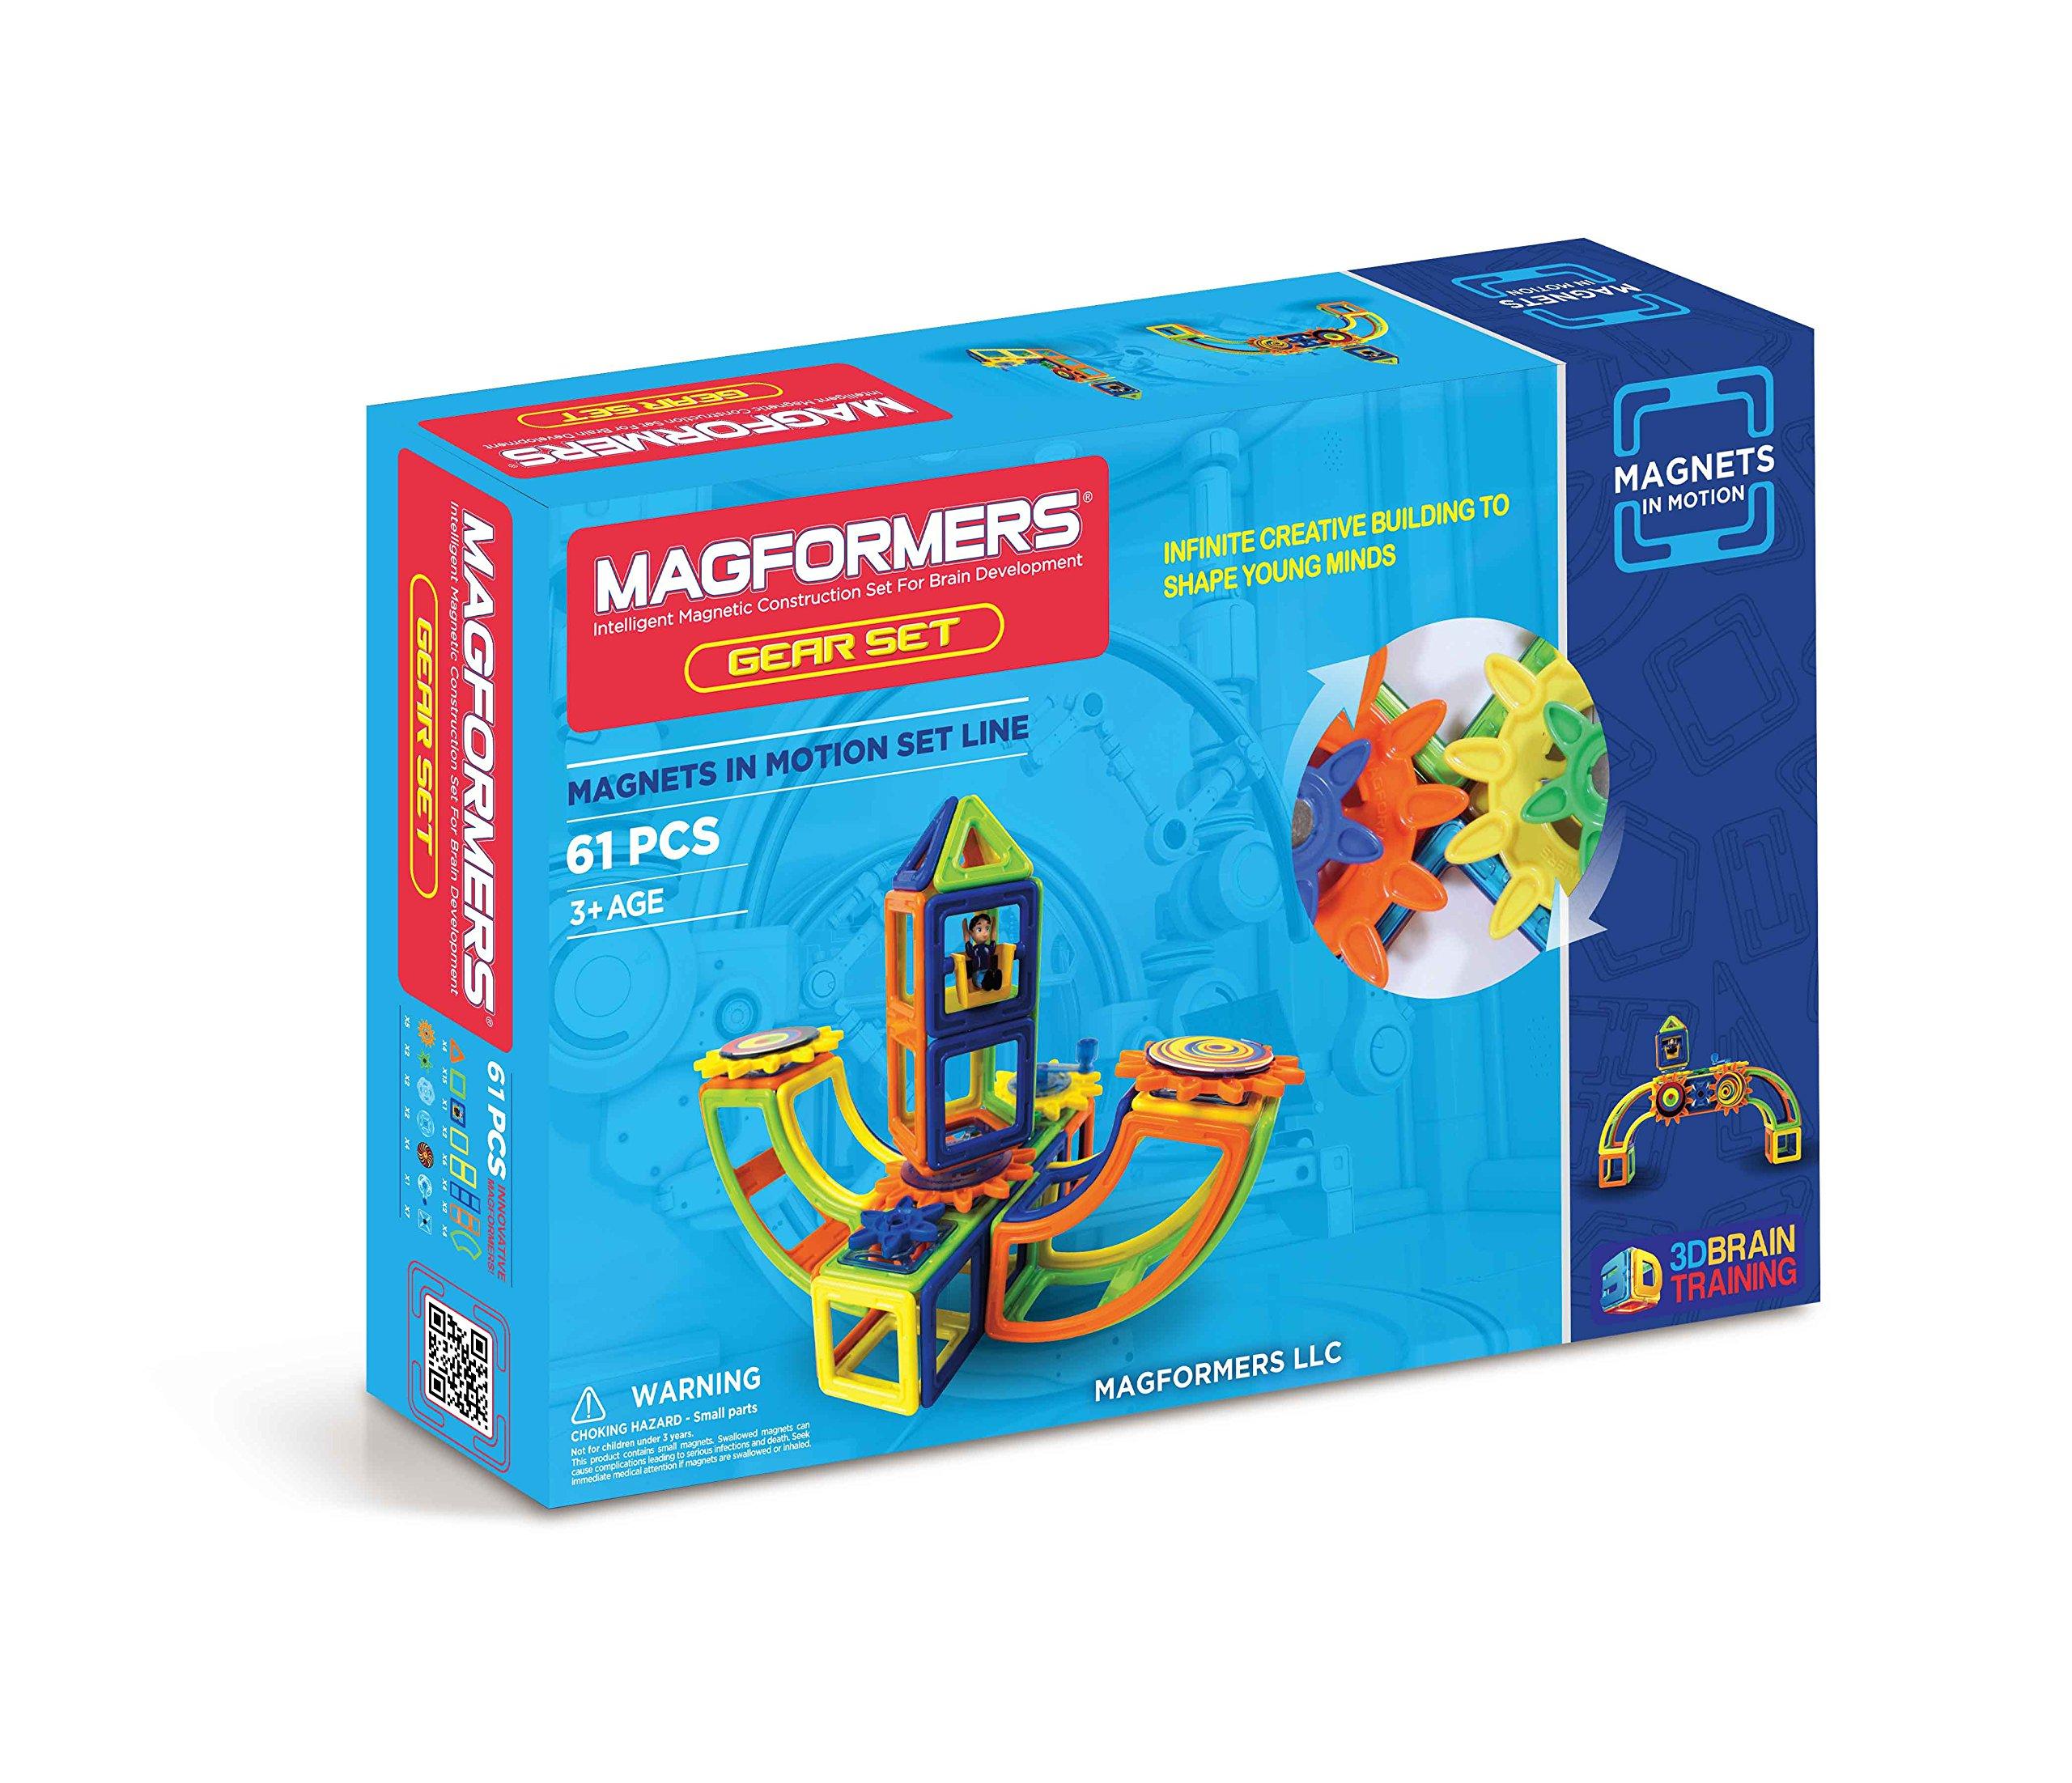 运动装中的 Magformers 磁铁(61 件)磁性积木,教育磁性瓷砖套件,磁性建筑 STEM 齿轮玩具套装